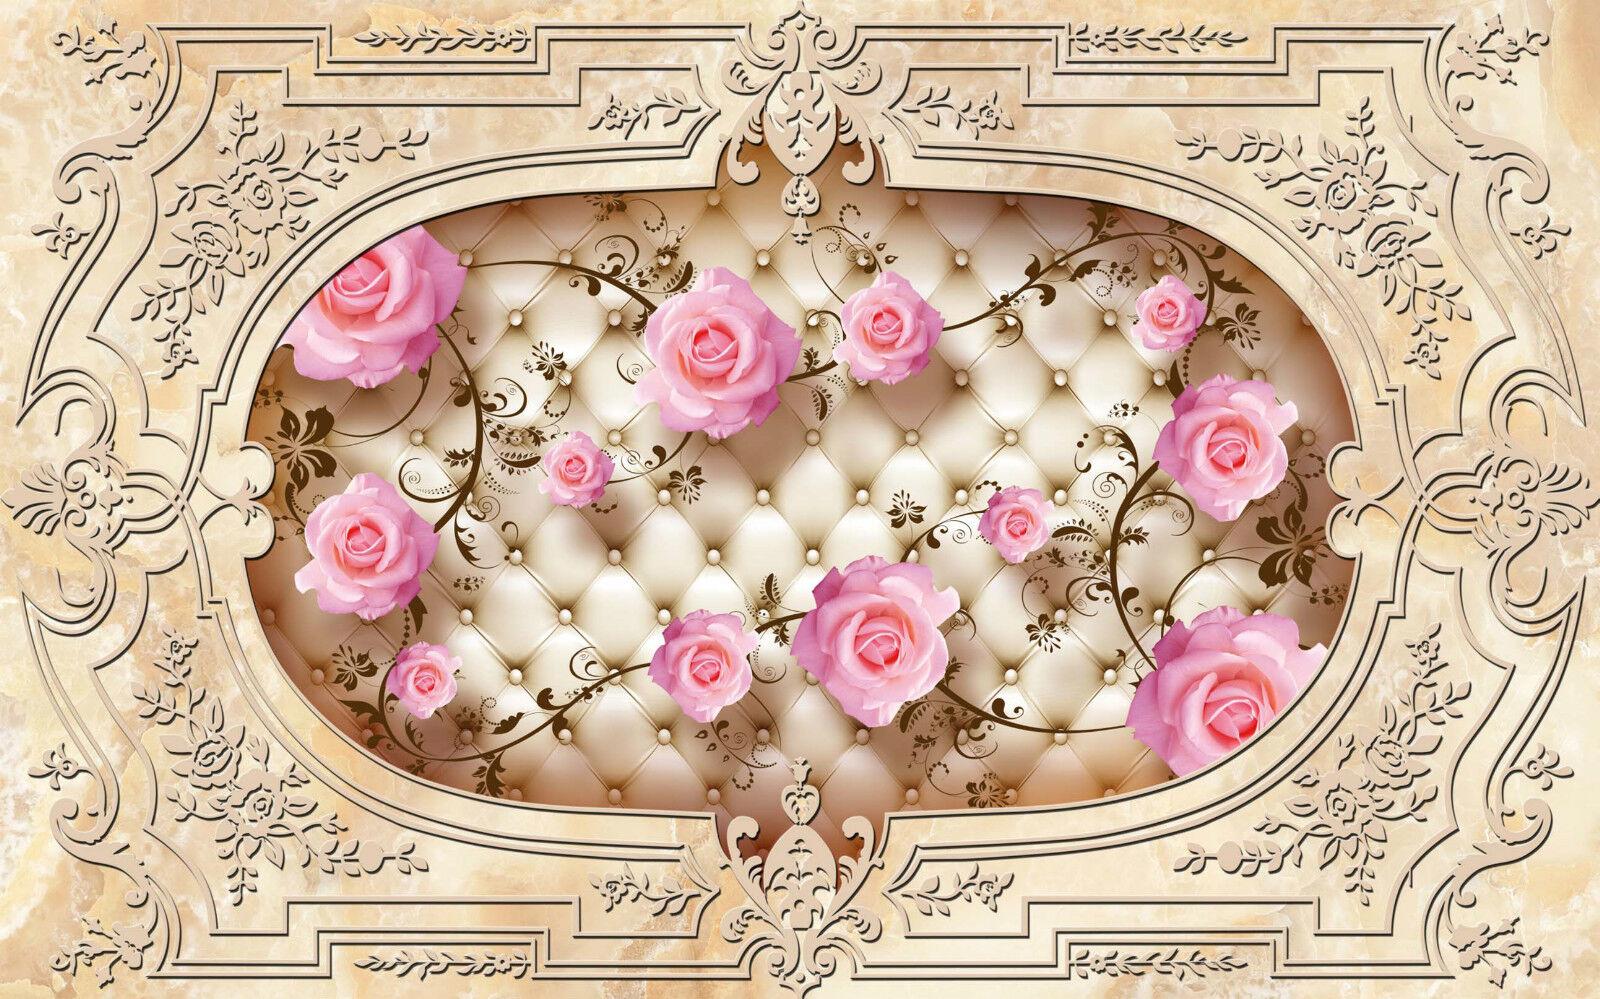 3D Motif Vigne Rose Mural 305 Décor Mural Rose Murale De Mur De Cuisine AJ WALLPAPER FR a4e9d3